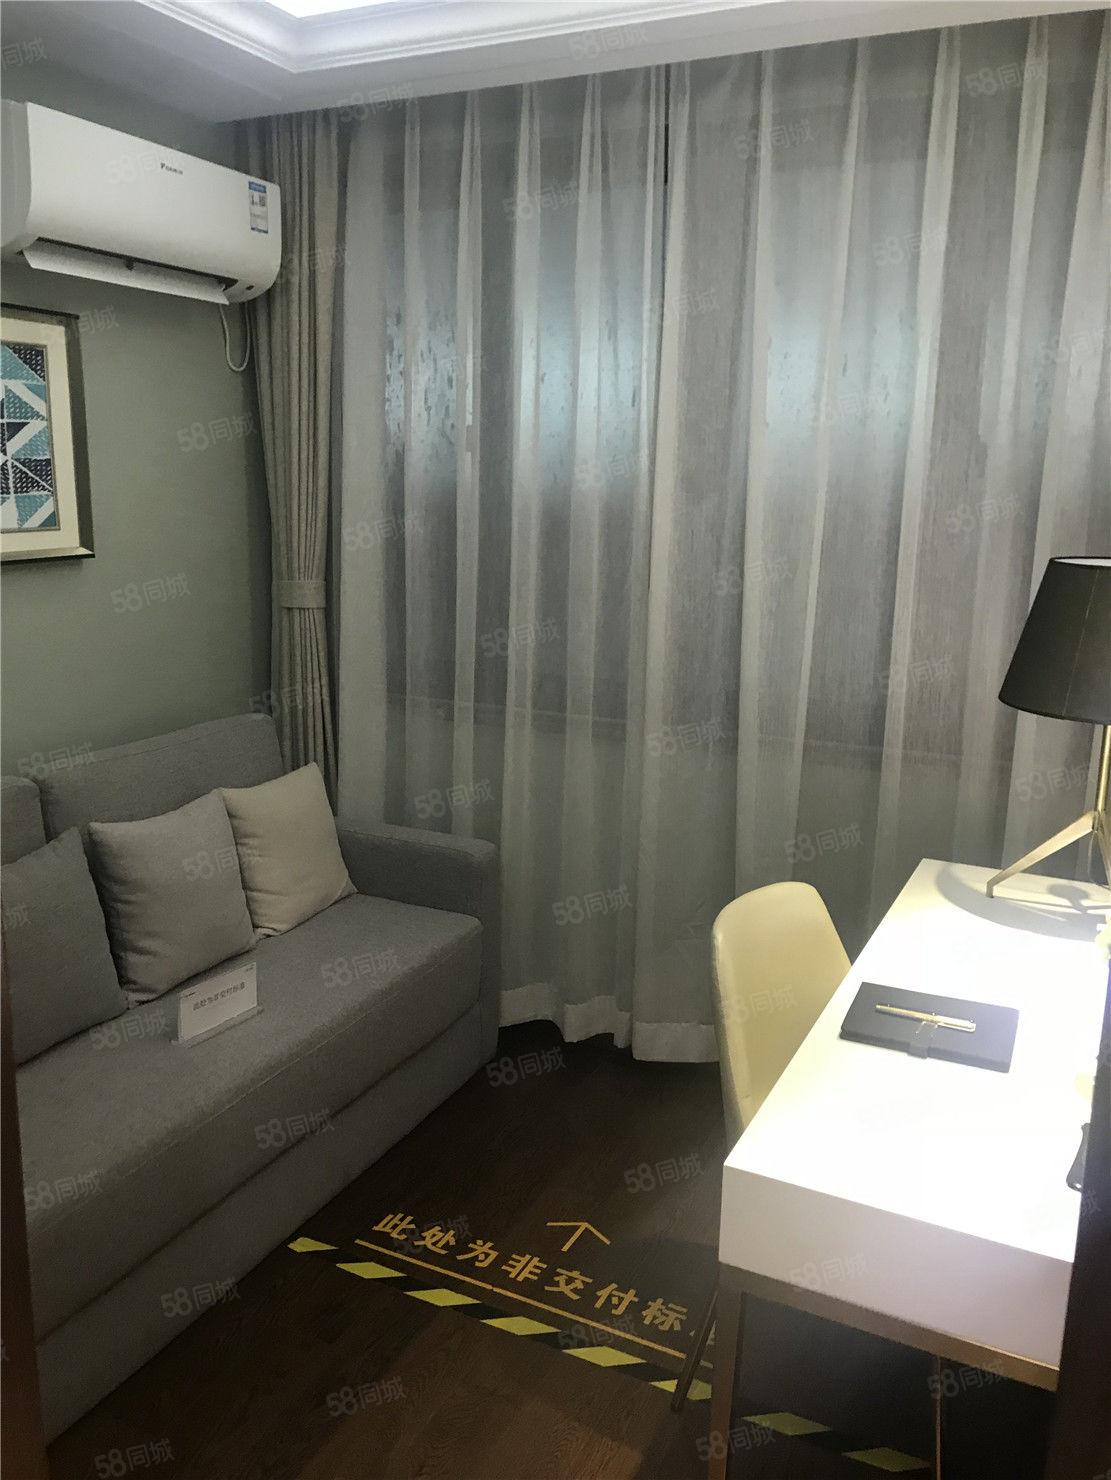 中旅名门府明年交房二环旁精致住宅环境优良绿化优美